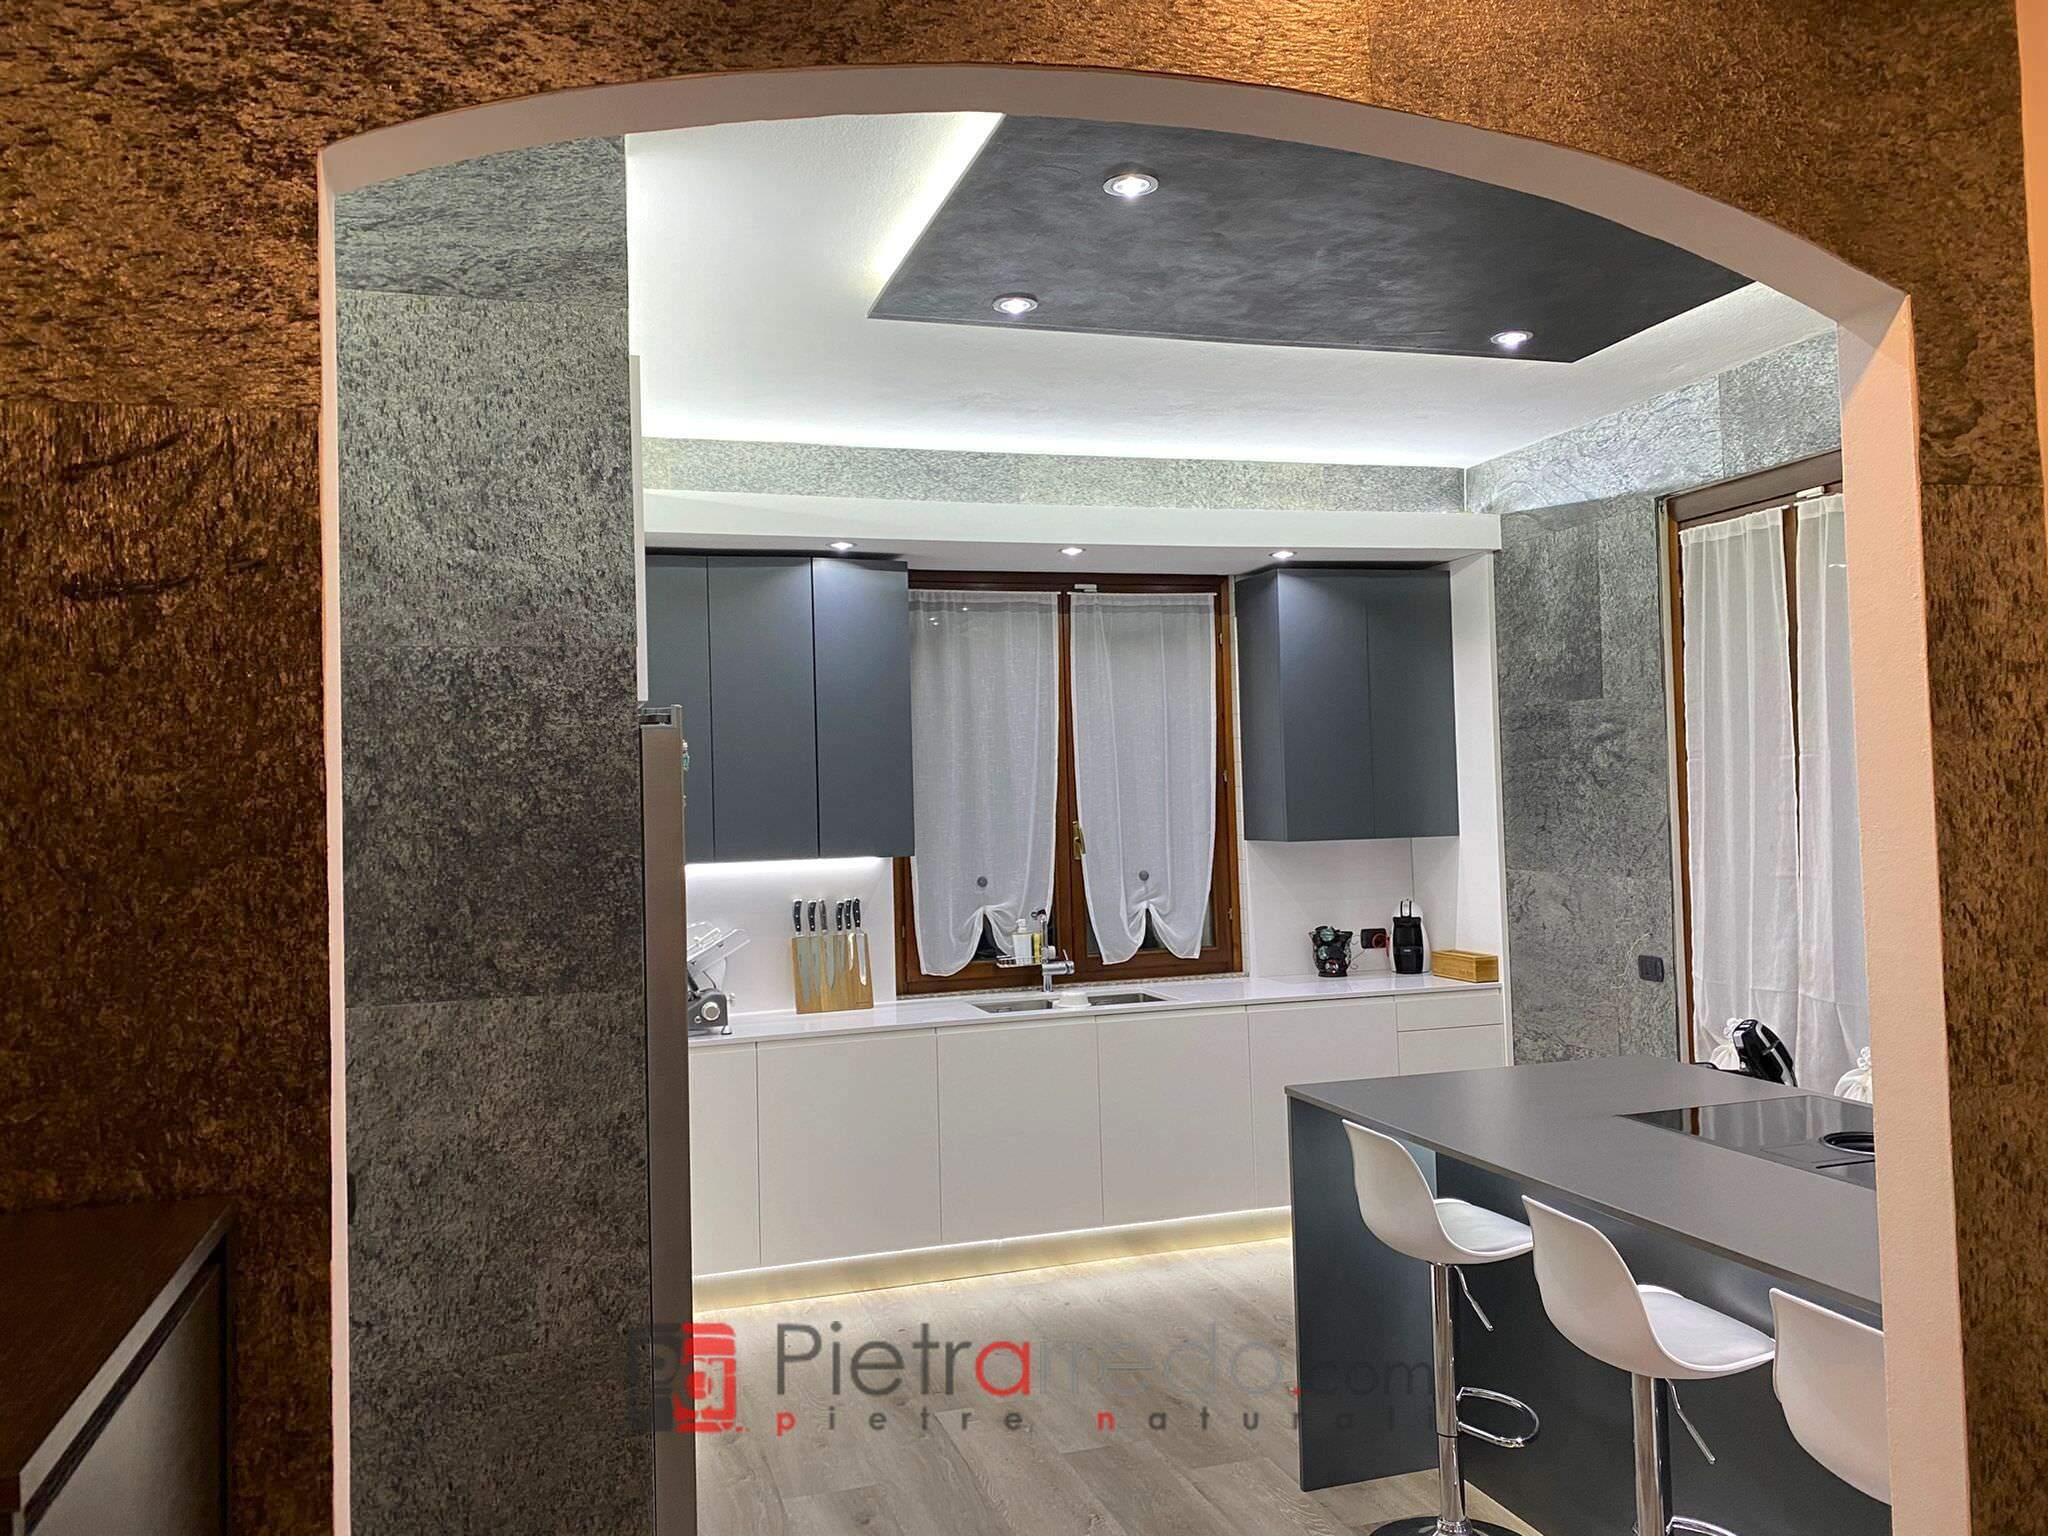 offert price stone sheet silver shine wall mobili cucina parete offerta pietrarredo milano prezzo